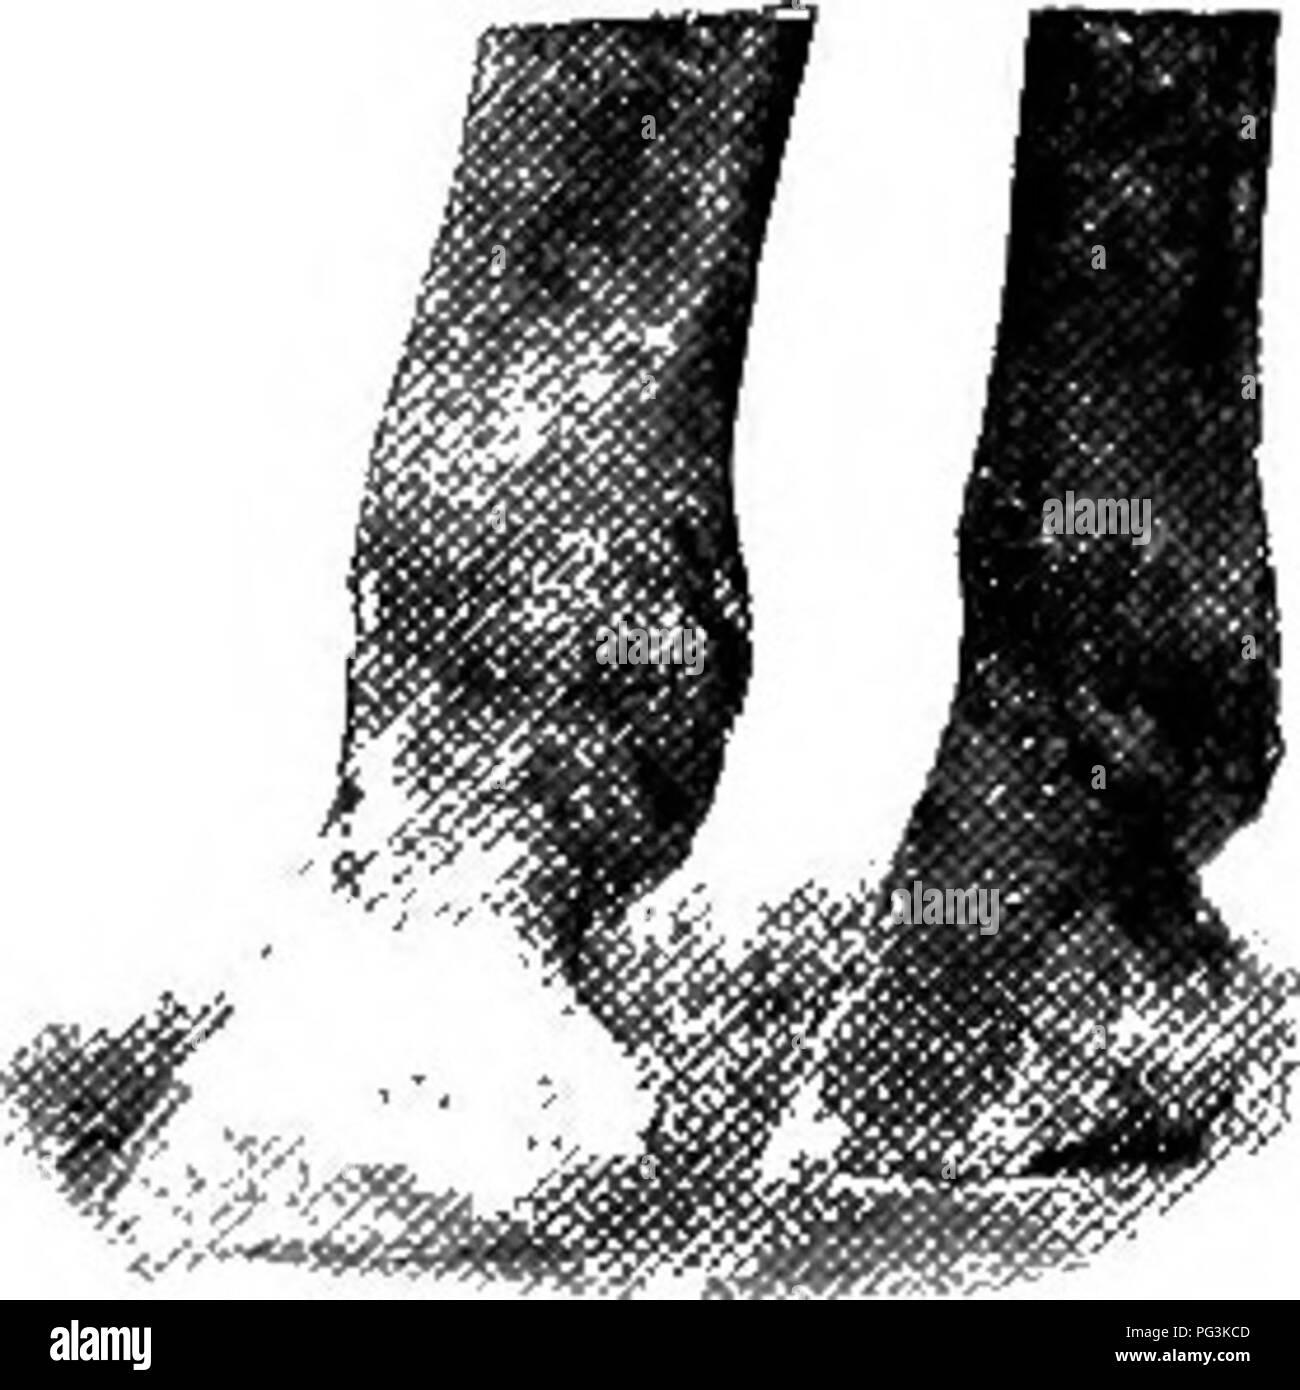 . Das Pferd in der Gesundheit und in der Krankheit: ein text-Buch in Bezug auf die veterinärmedizinischen Wissenschaft für landwirtschaftliche Studenten. Pferde, Pferde. Gemeinsame UNSOUNDNESSES und Laster 177, wenn es nicht den worlc des Pferdes es müssen nicht berücksichtigt werden, eine ernsthafte Verdorbenheit. Verbeugte sich sehnen Sehnen hinter die Kanone Knochen gelegen, sowohl in der Vorder- und Hinterbeine sind zu schweren Belastungen von gewalttätigen Bemühungen oder ruckartig unterzogen. Wenn die Verletzung ist mehr oder weniger ausgeprägte Schwellung und Schmerzen vorhanden ist. Die Schwellung geht in der Regel vom Knie bis in die Fessel, und gelegentlich sogar noch weiter. Es i Stockbild